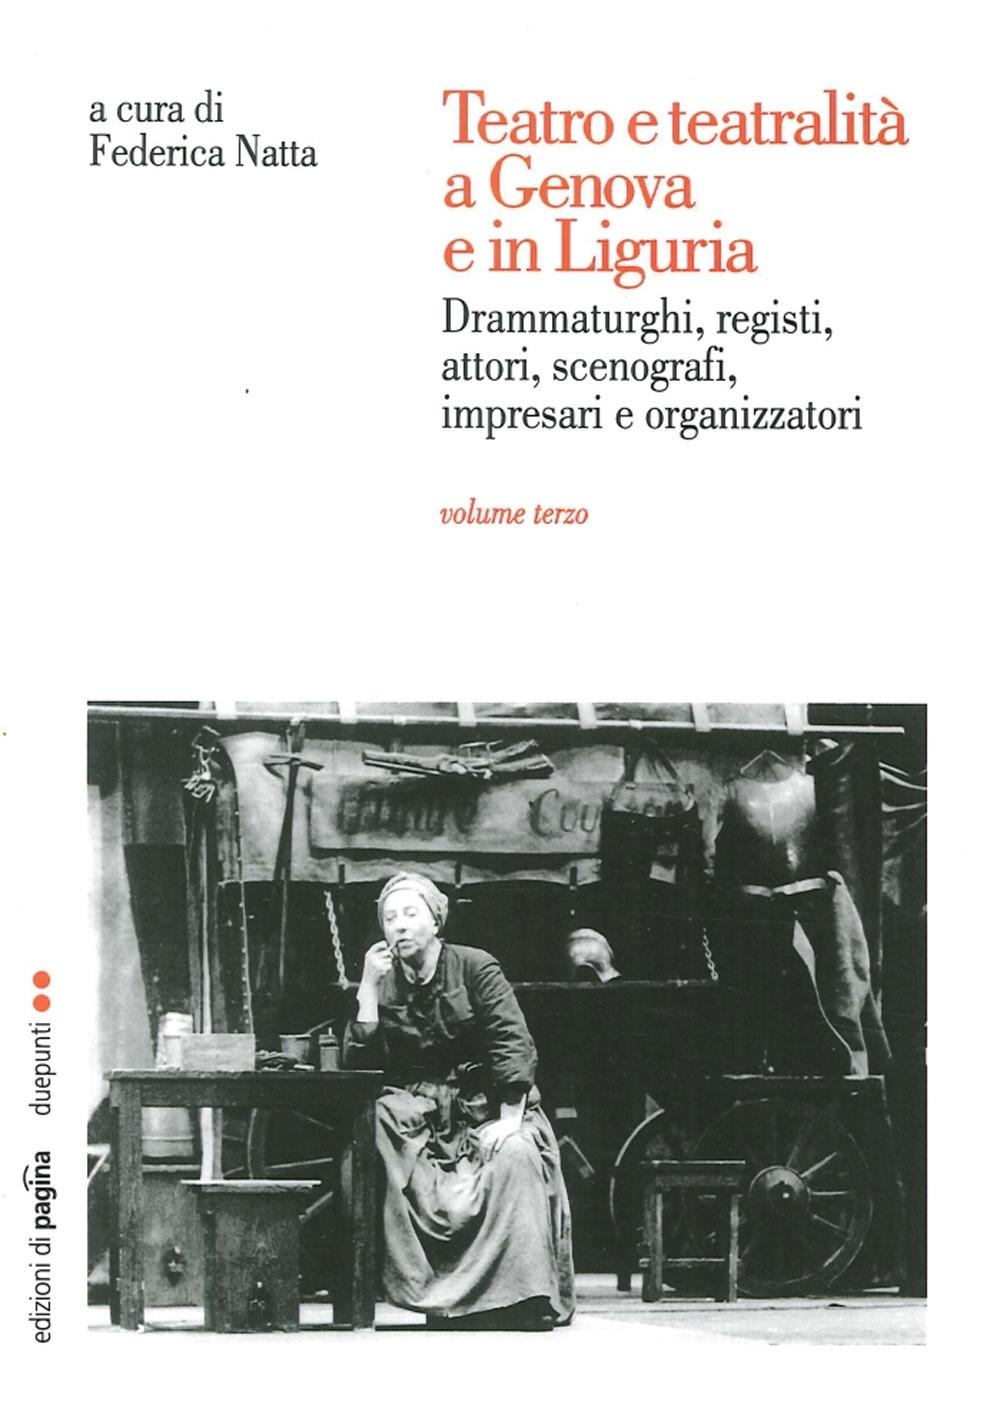 Teatro e Teatralità a Genova e in Liguria. Drammaturghi, Registi, Attori, Scenografi, Impresari e Organizzatori. Vol. 3.